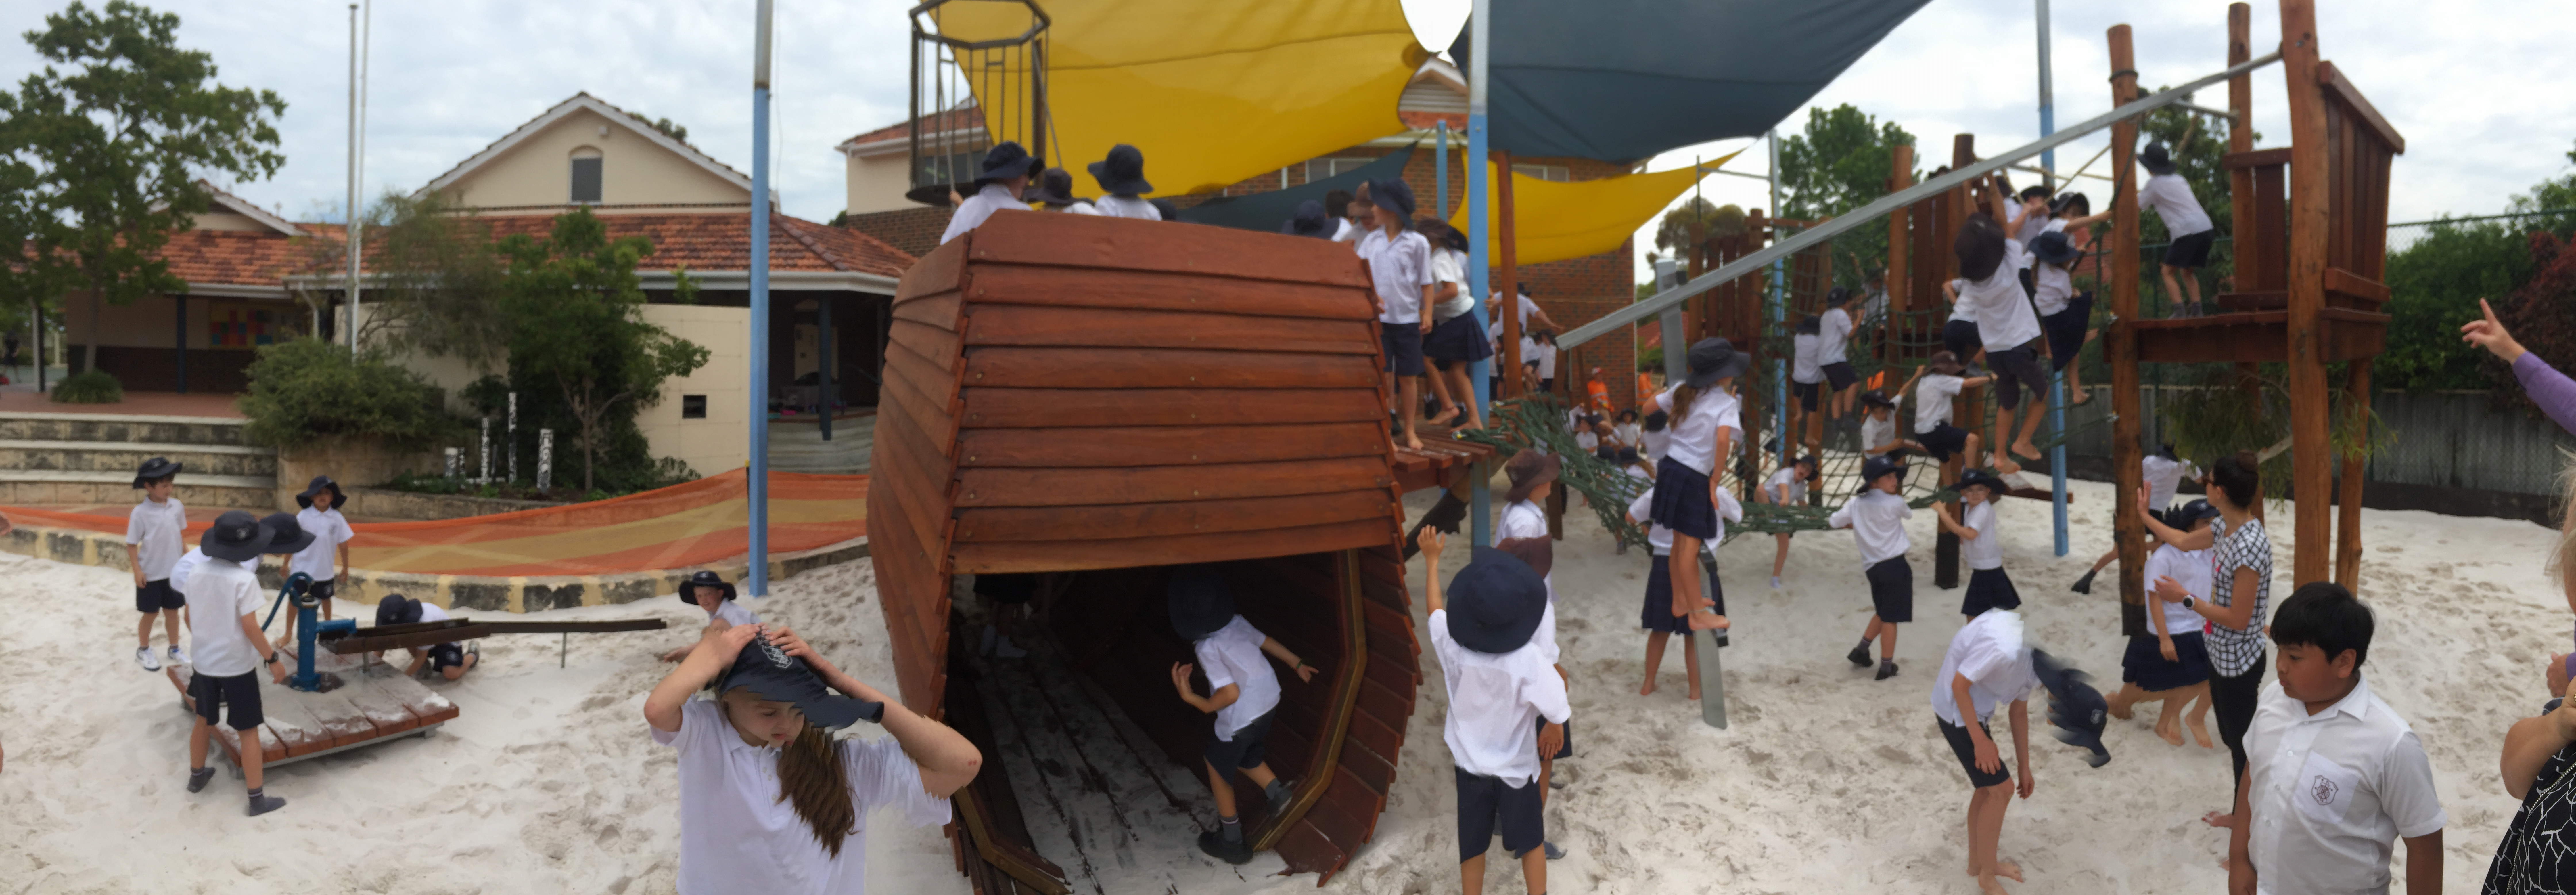 Playground Pano